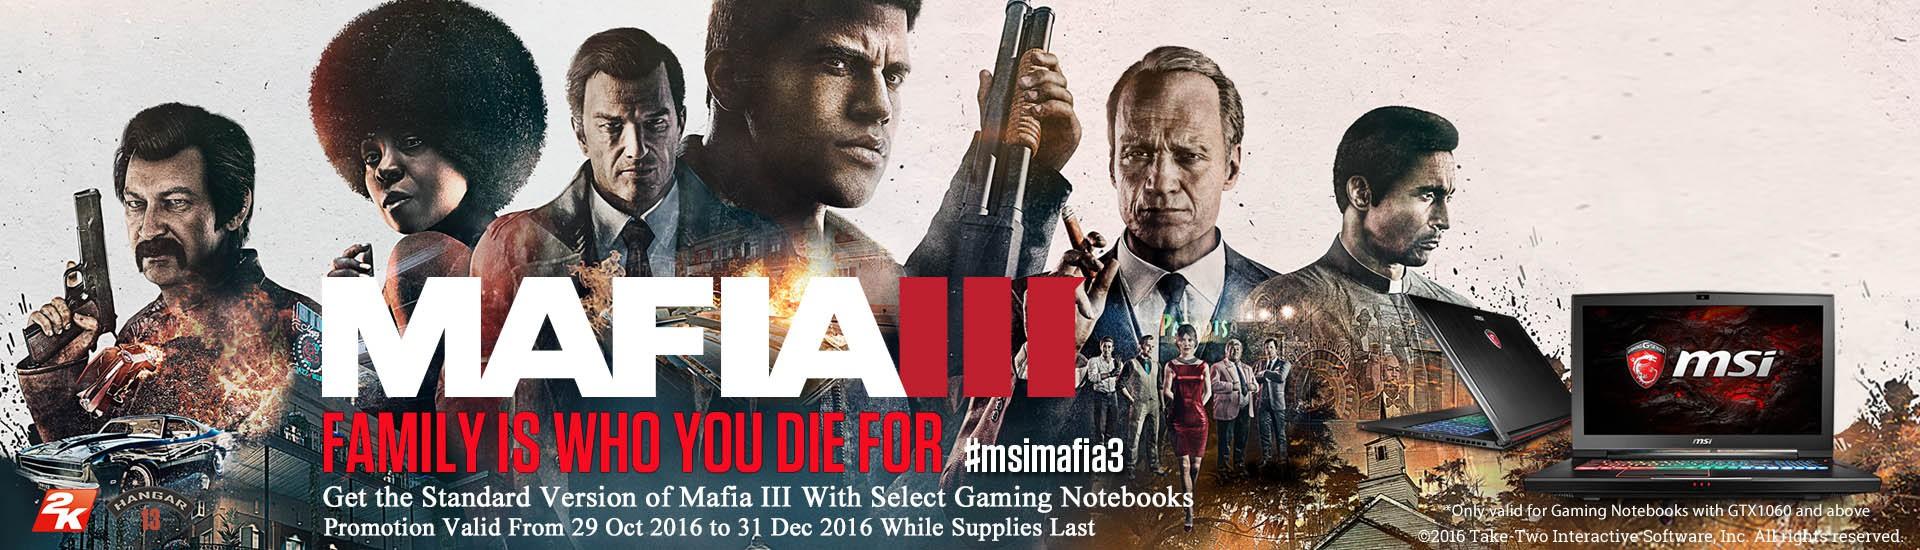 MSI ti regala Mafia III